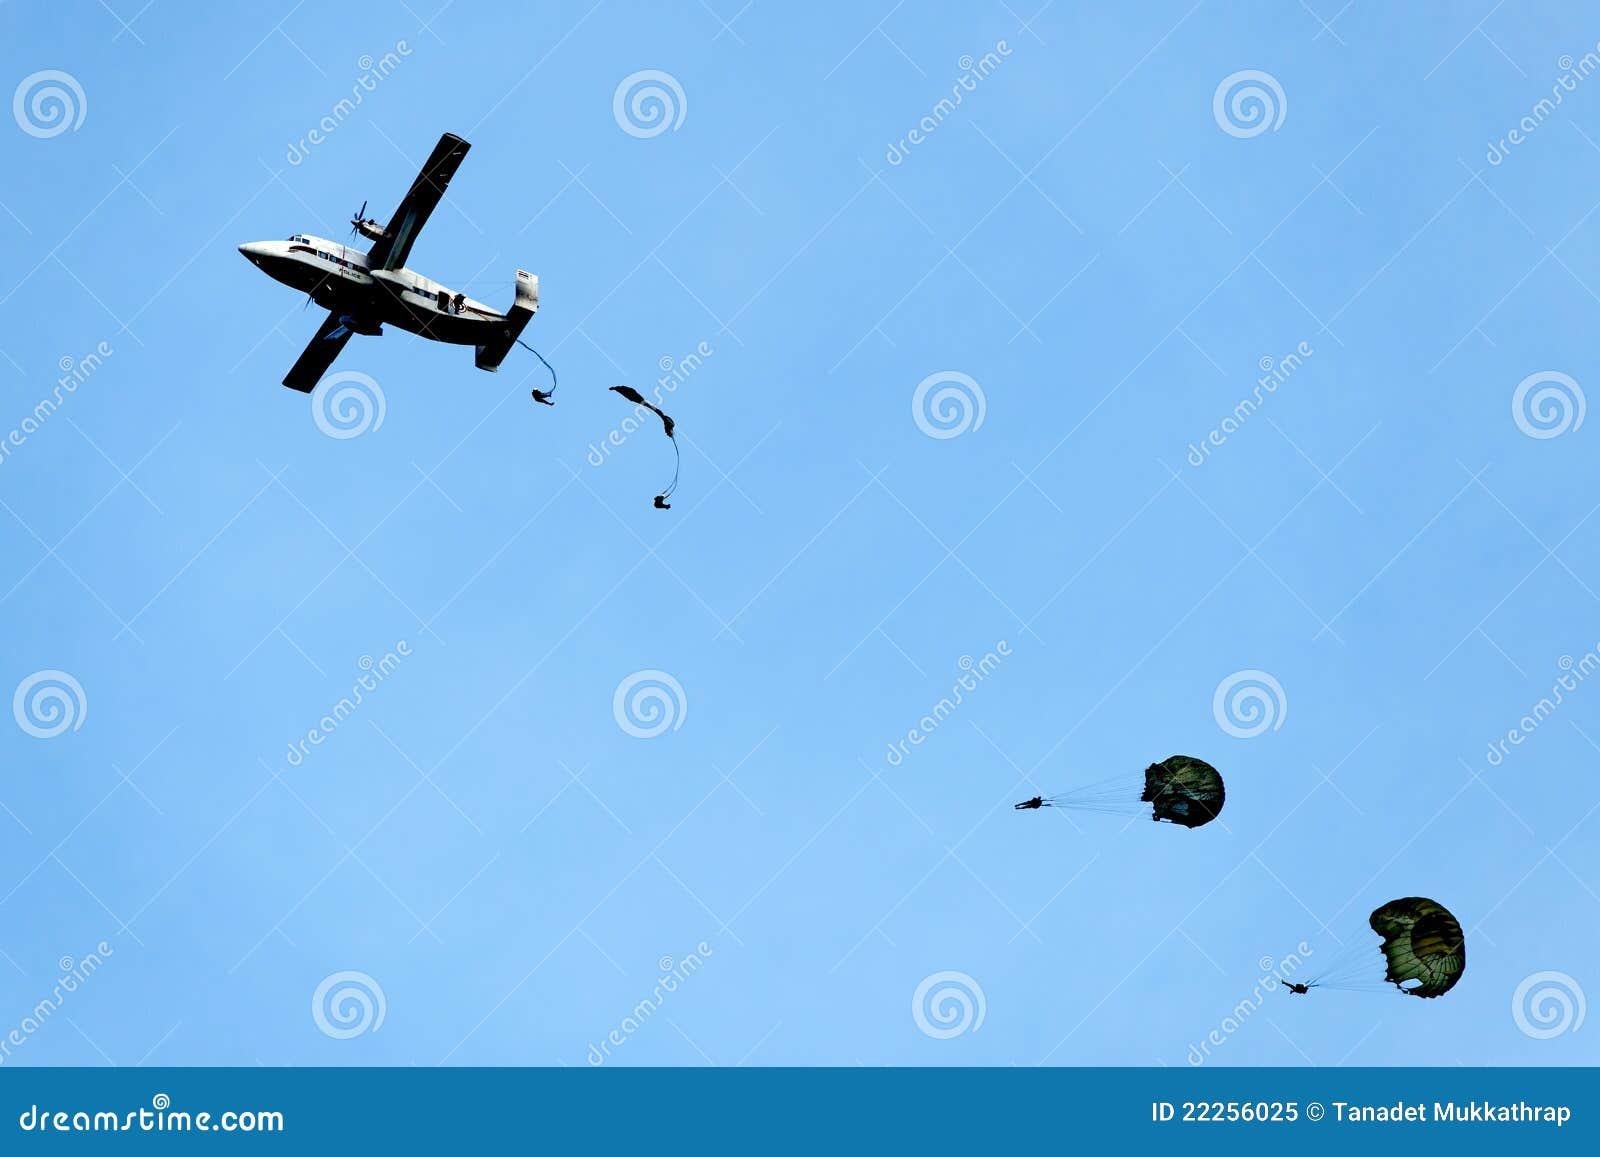 Hoppa fallskärm utbildning